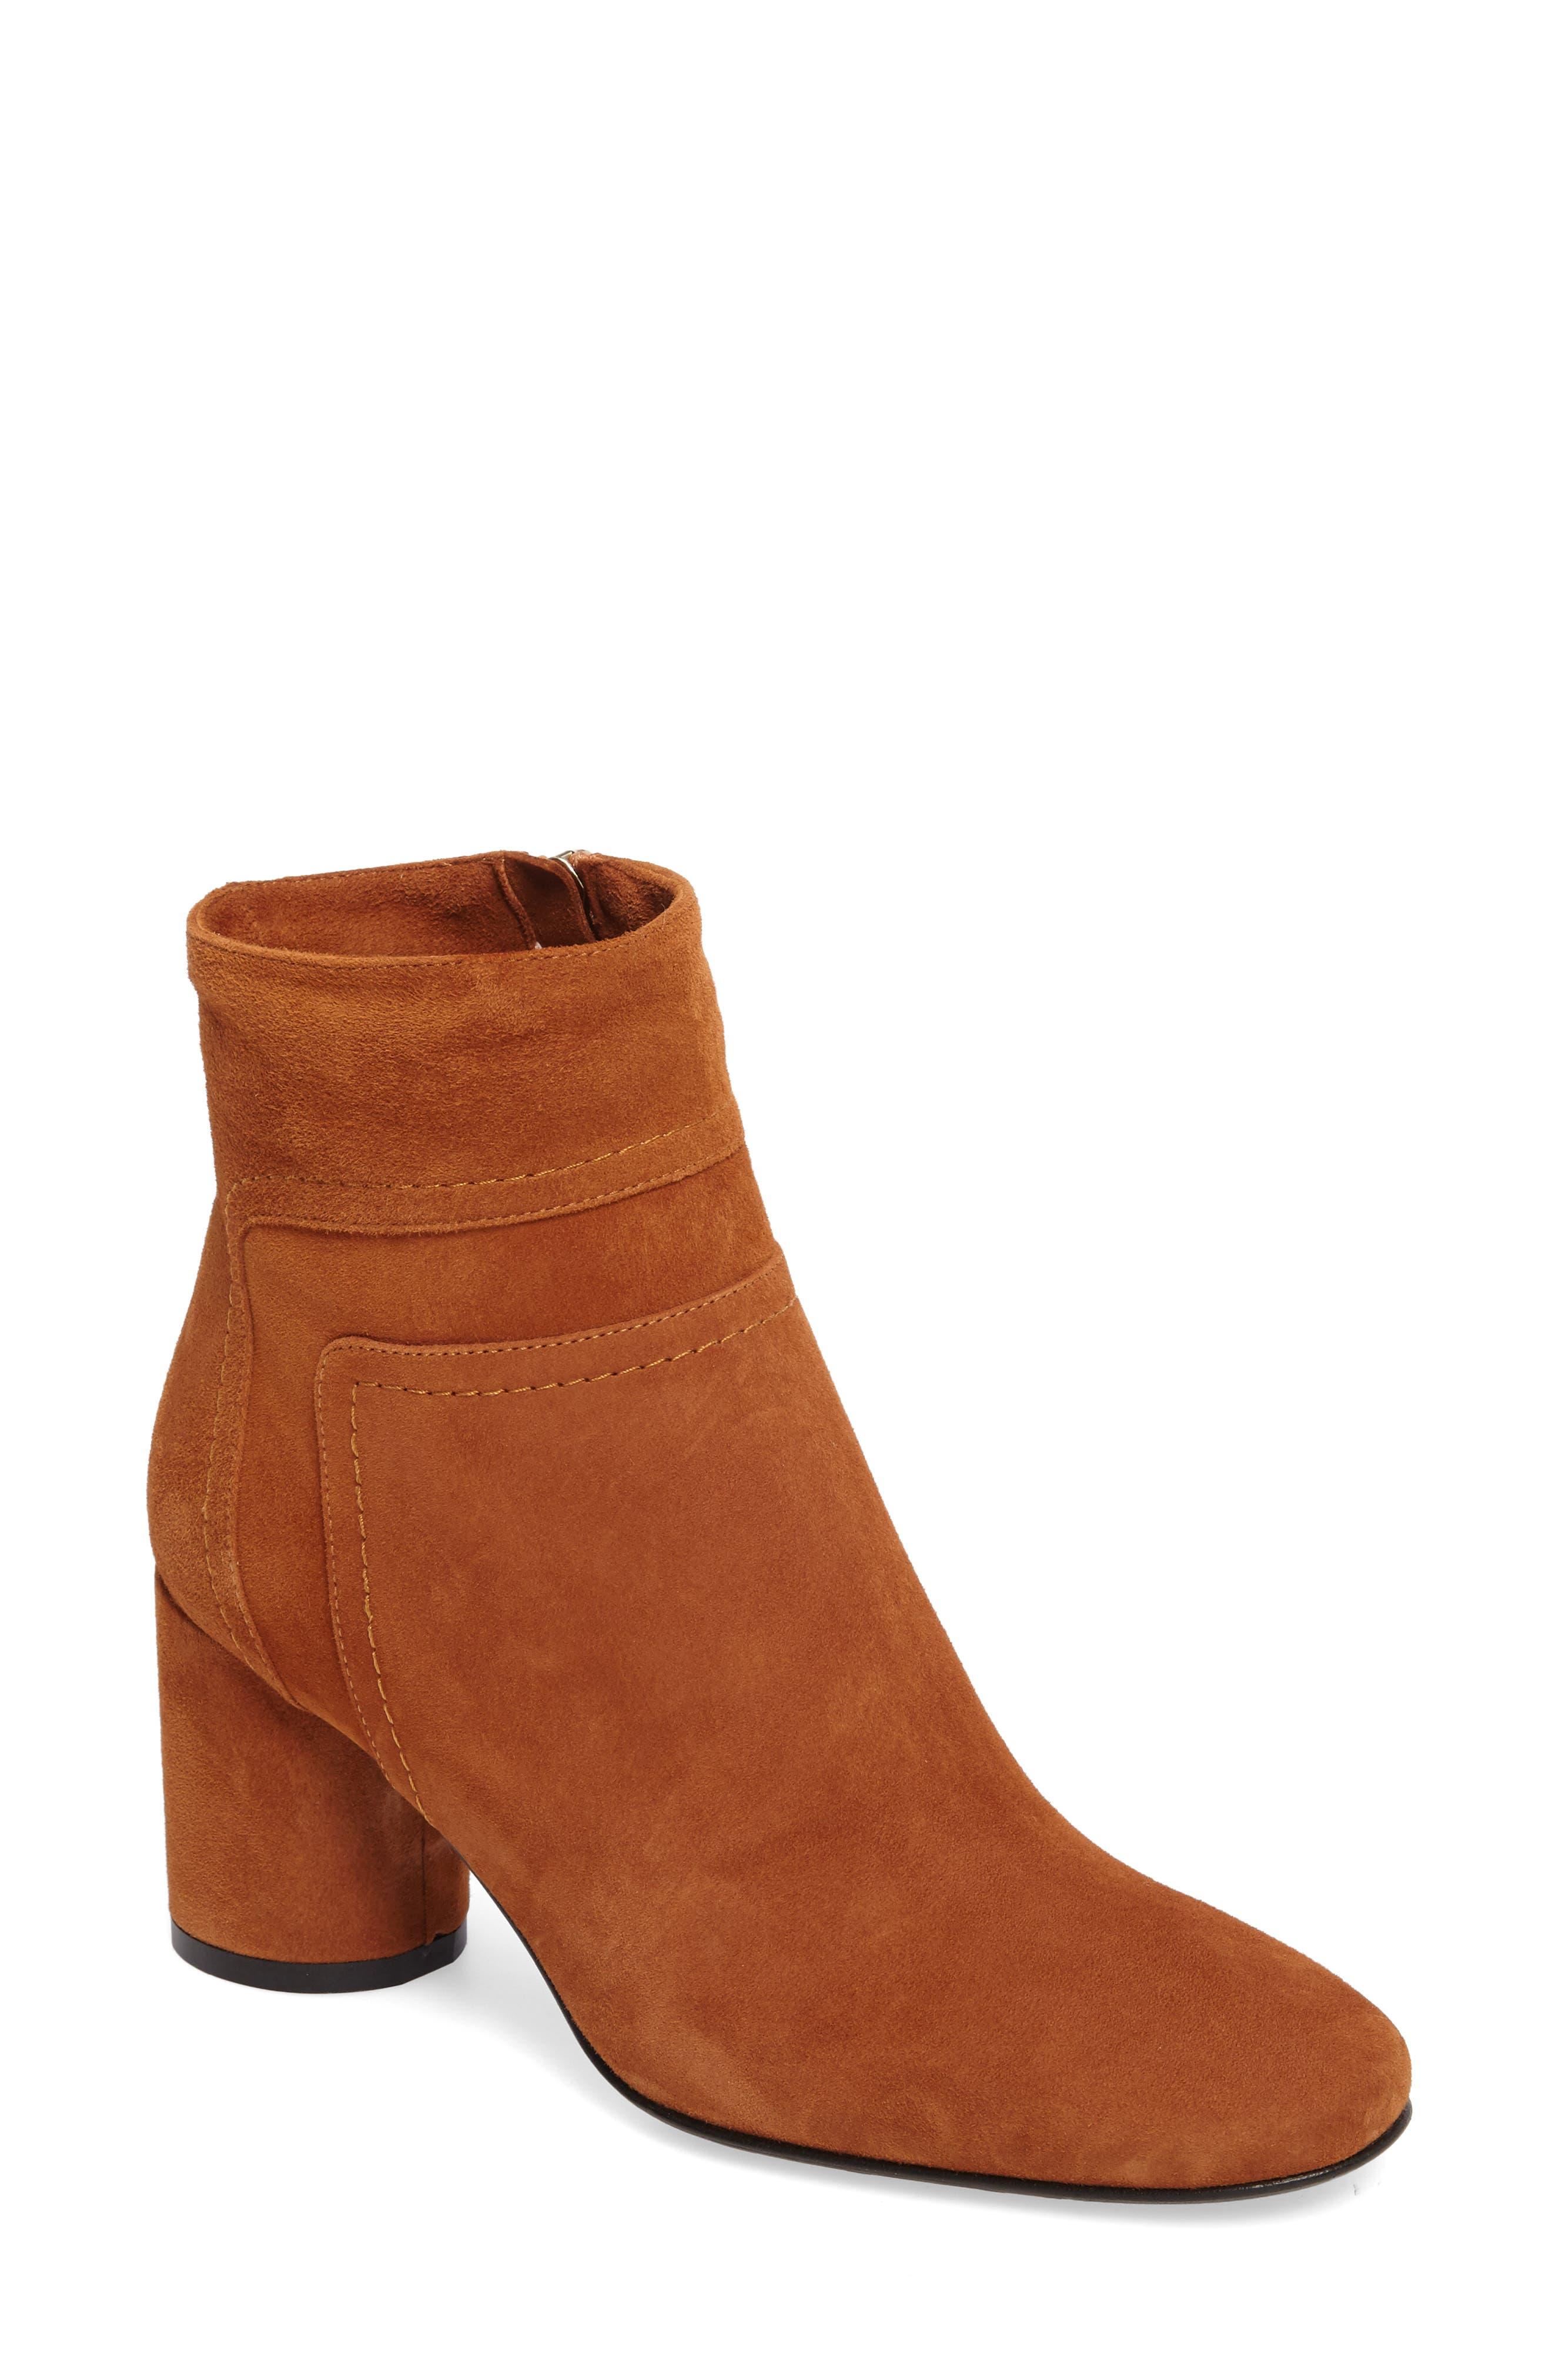 Taryn Rose Fortuna Block Heel Bootie- Brown